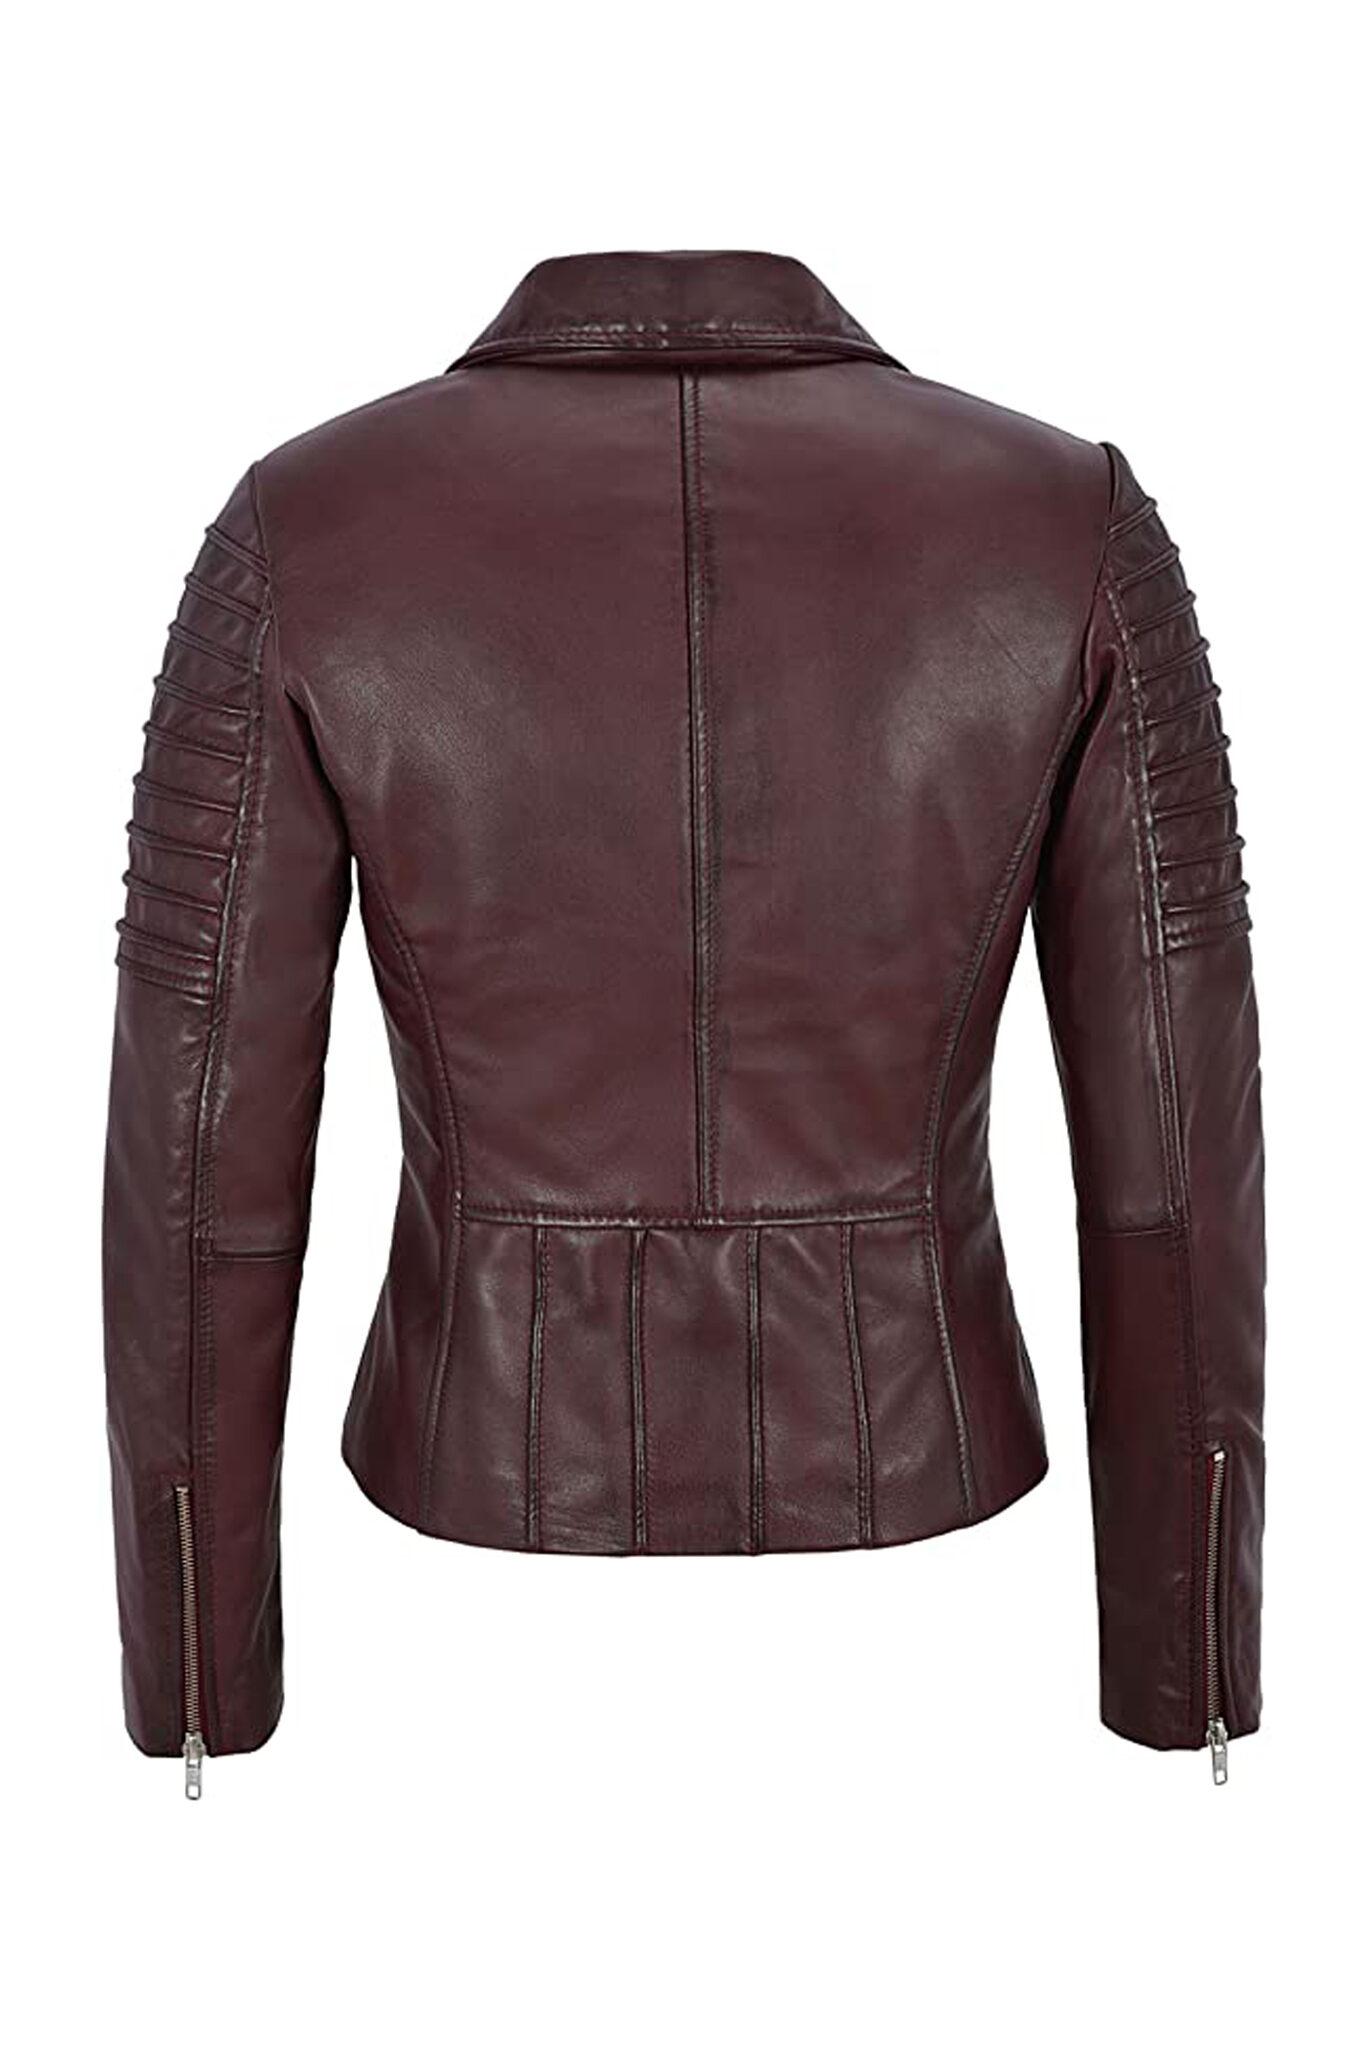 Women's Burgundy Biker Motorcycle Sheepskin Leather Jacket